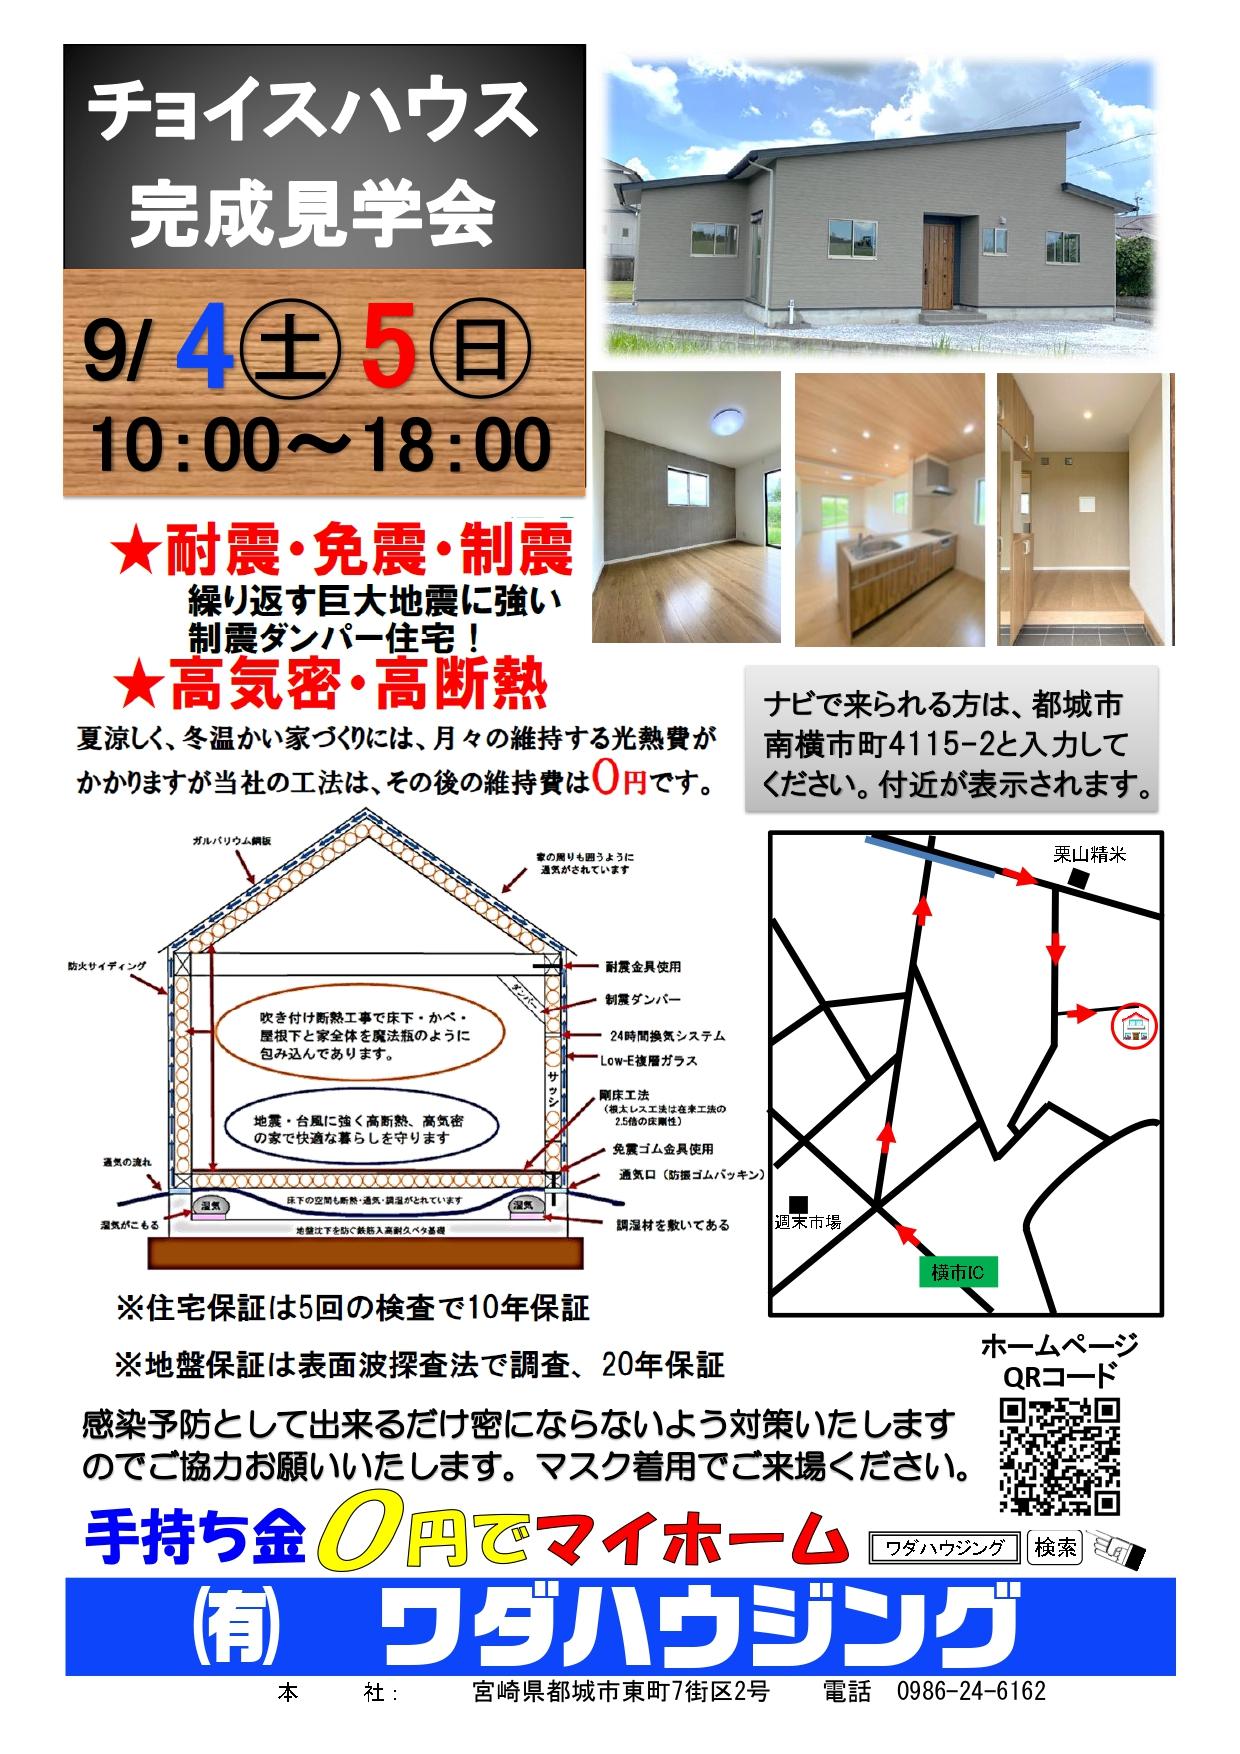 南横市3号地建売展示会フライヤー_page-0001